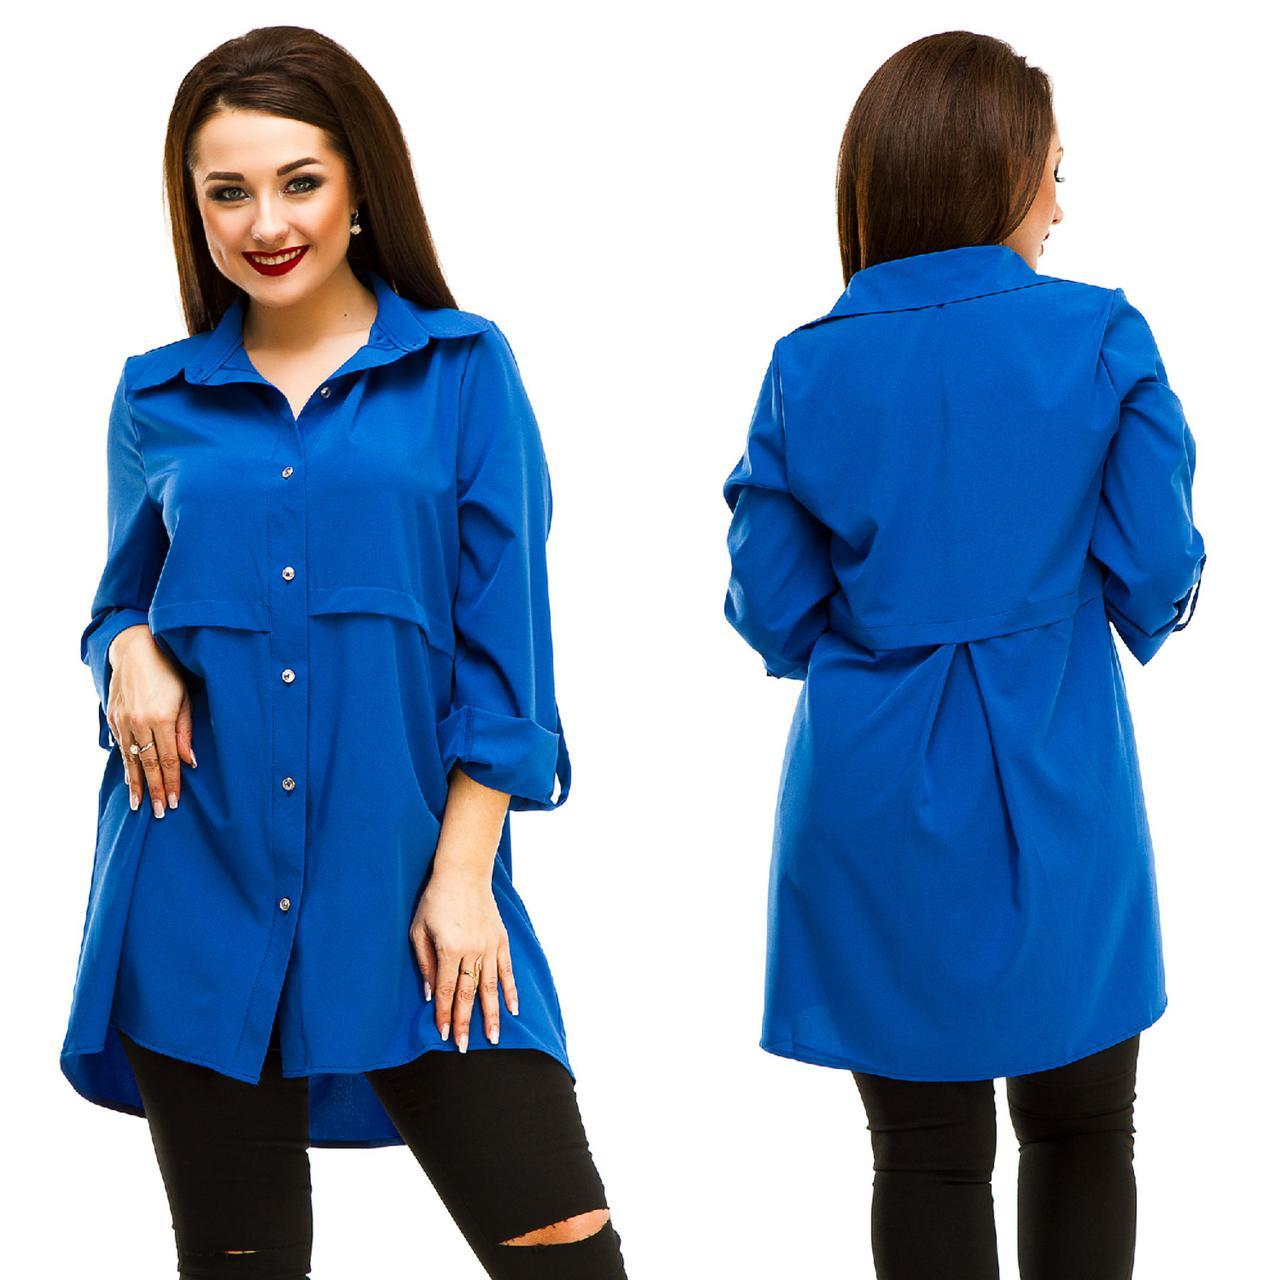 c1dc5caedfc Батальная рубашка-туника - All You Need - прямой поставщик женской одежды  оптом и в